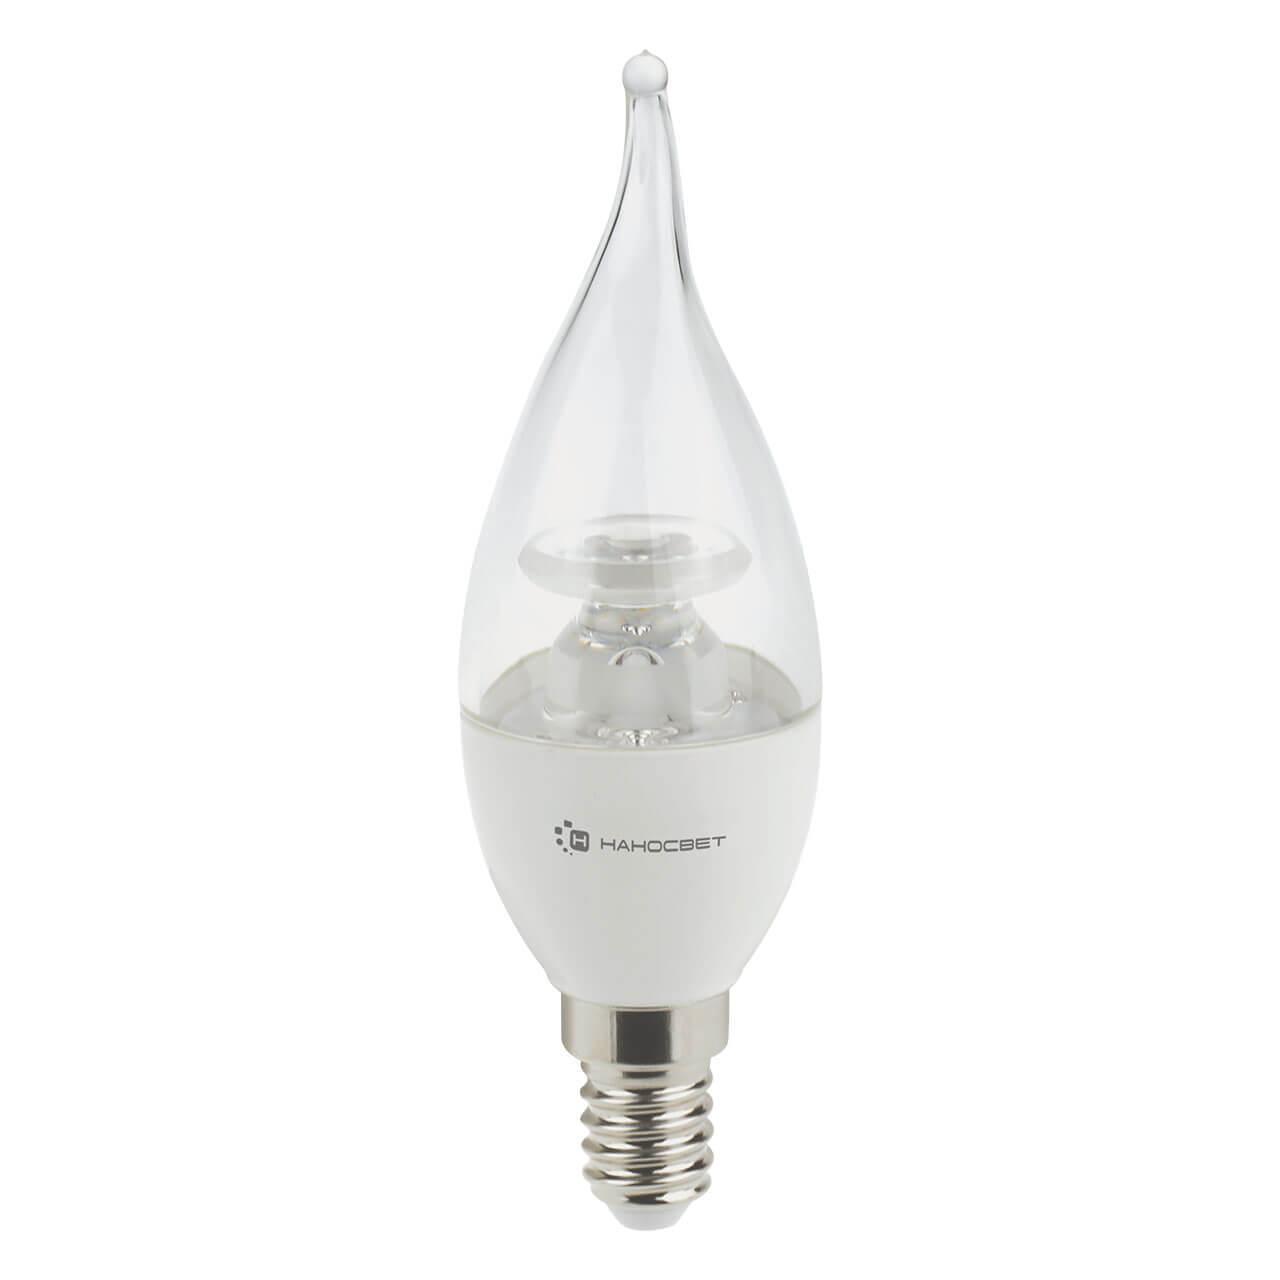 купить Лампа светодиодная Наносвет E14 6,5W 2700K прозрачная LC-CDTCL-6.5/E14/827 L218 по цене 219 рублей